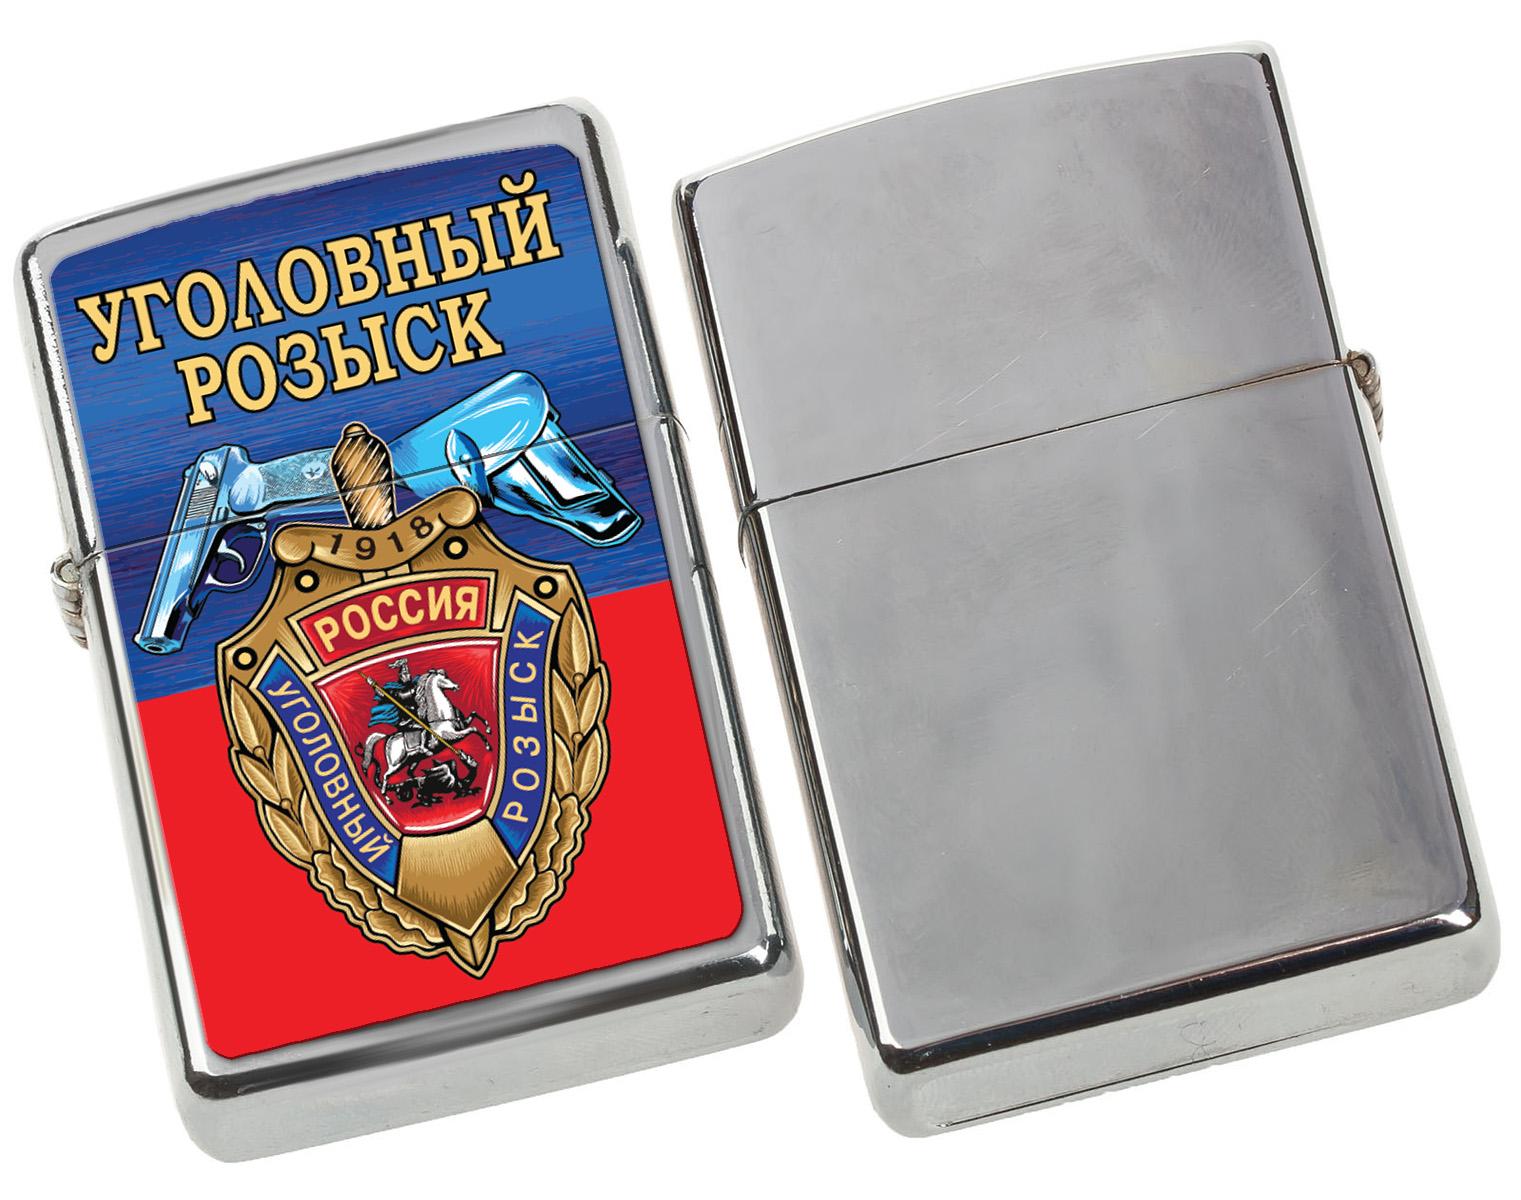 """Бензиновая зажигалка """"Уголовный розыск"""" по лучшей цене"""